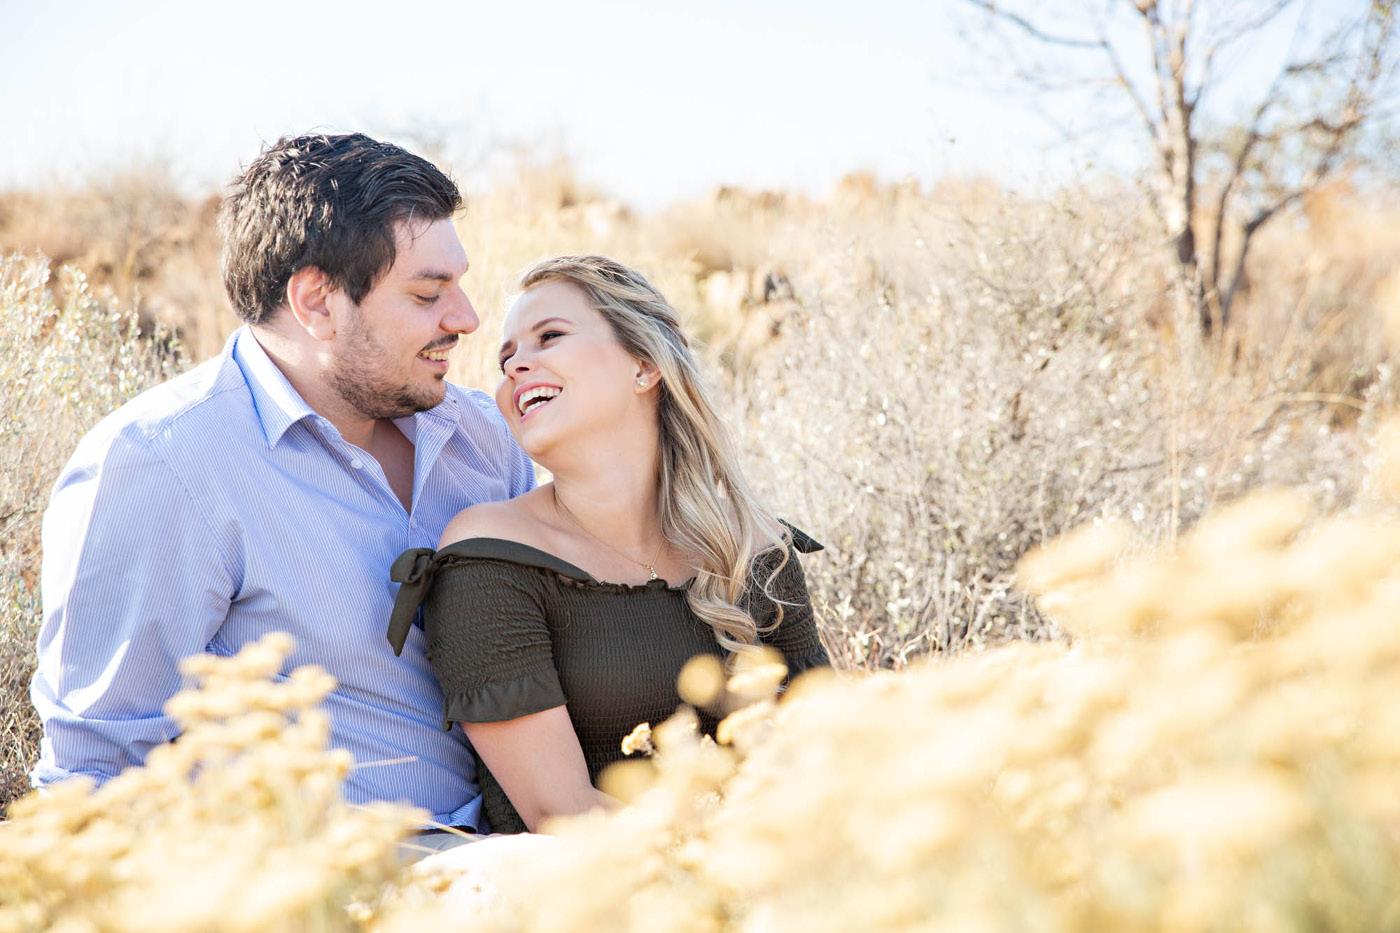 Mandie & George | Engagement shoot